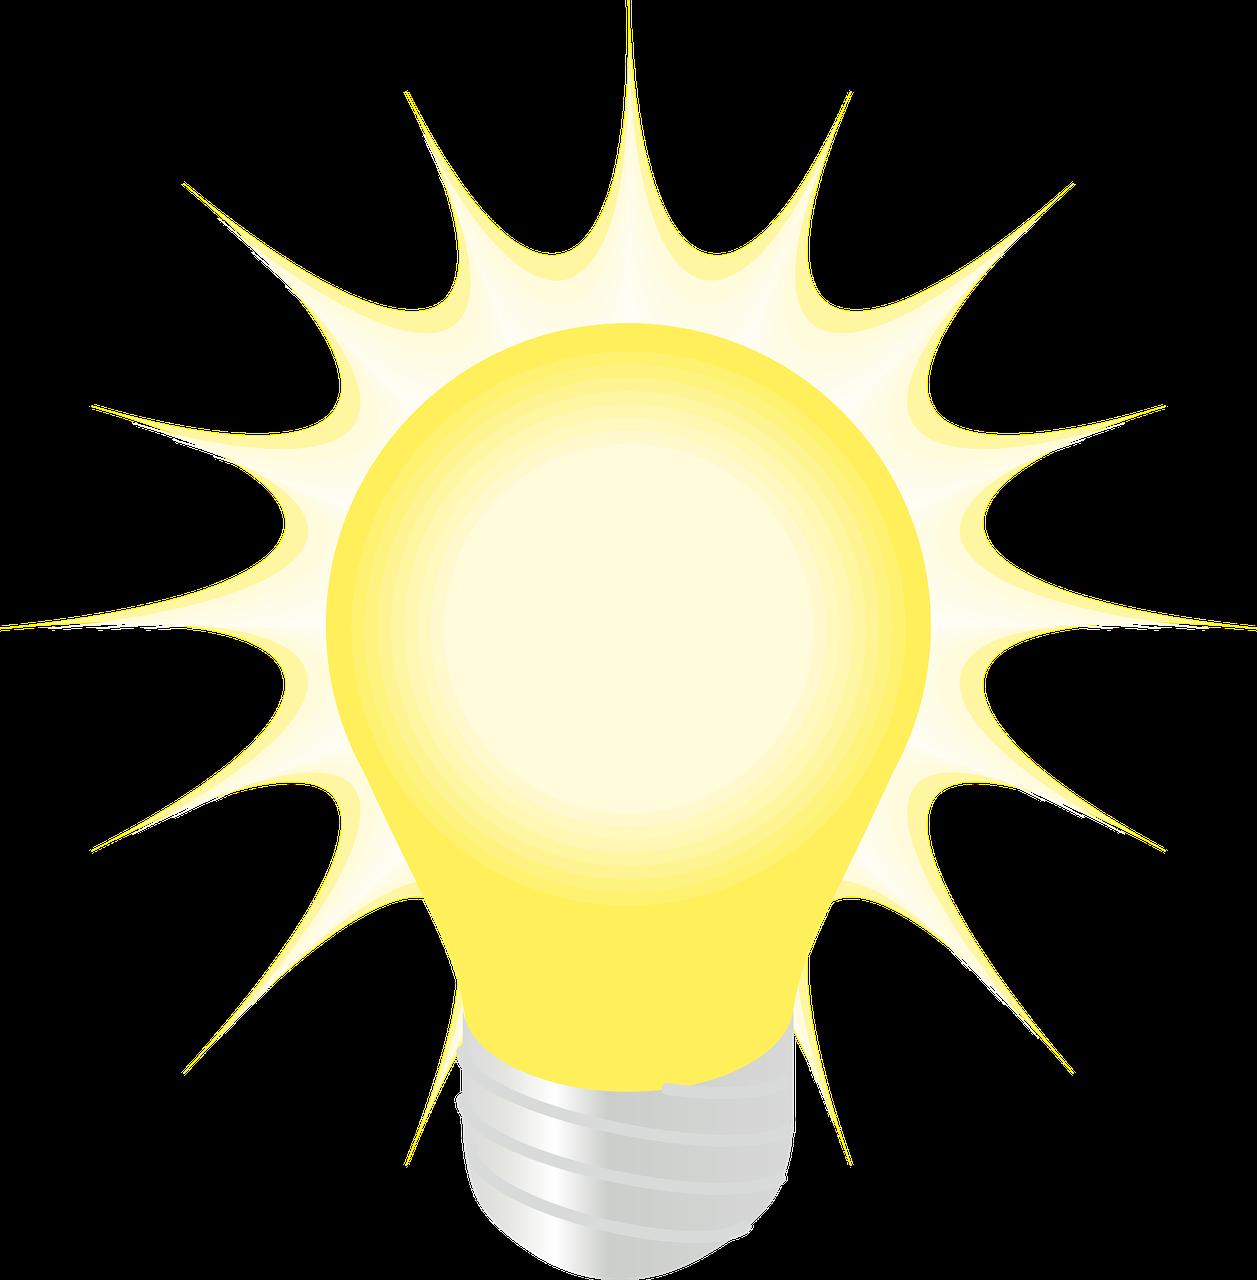 bulb-1293332_1280png